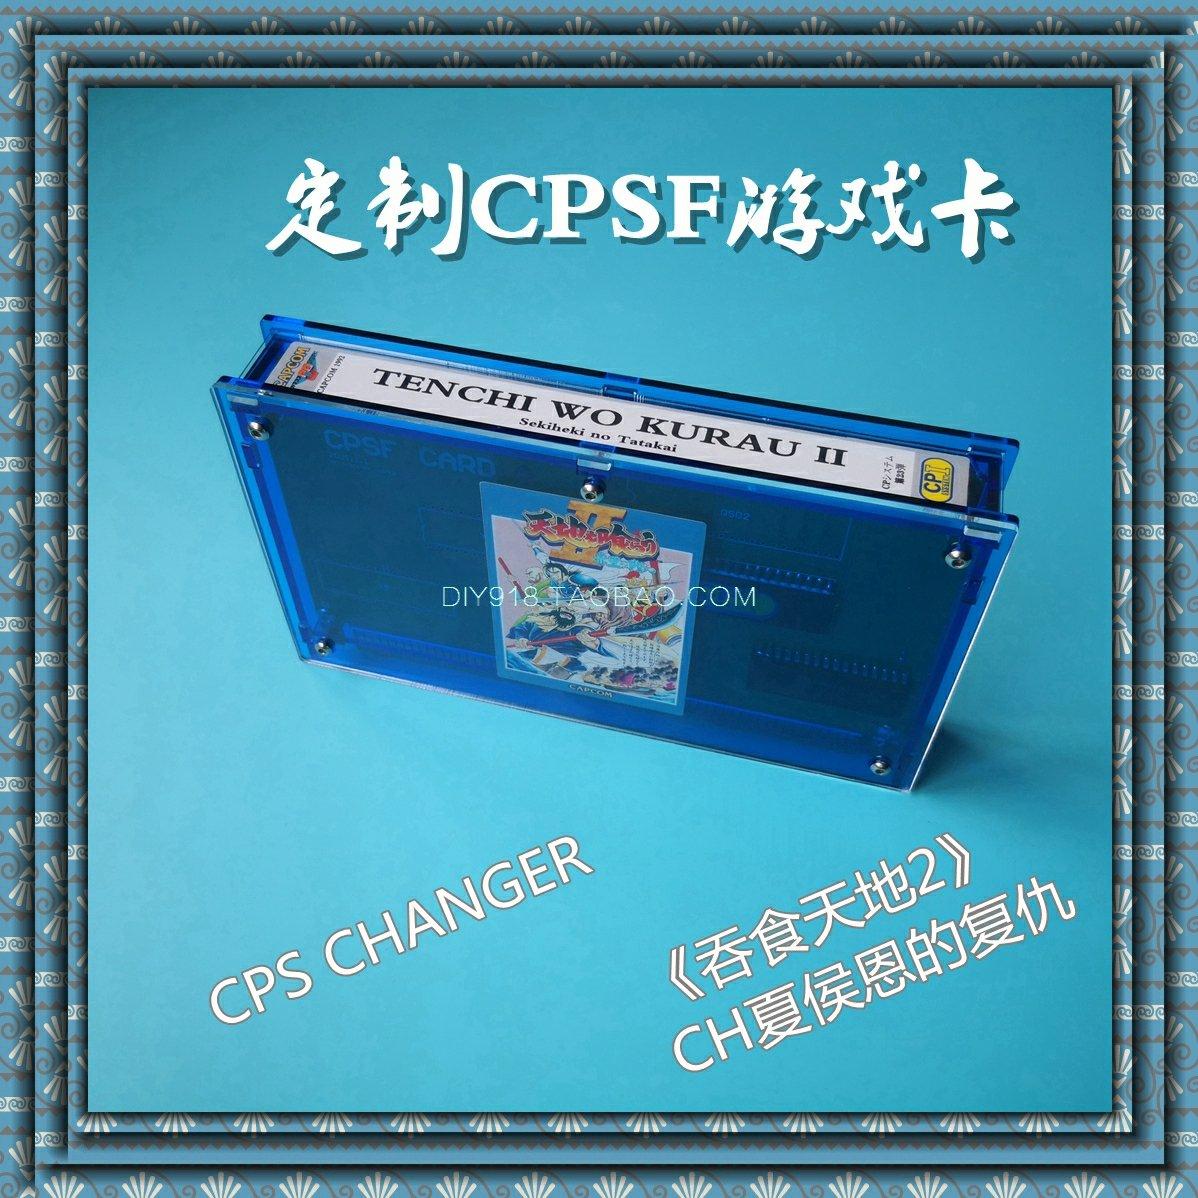 F8C7E82A-9188-47FE-9848-9C4FC3D61EFE.jpeg